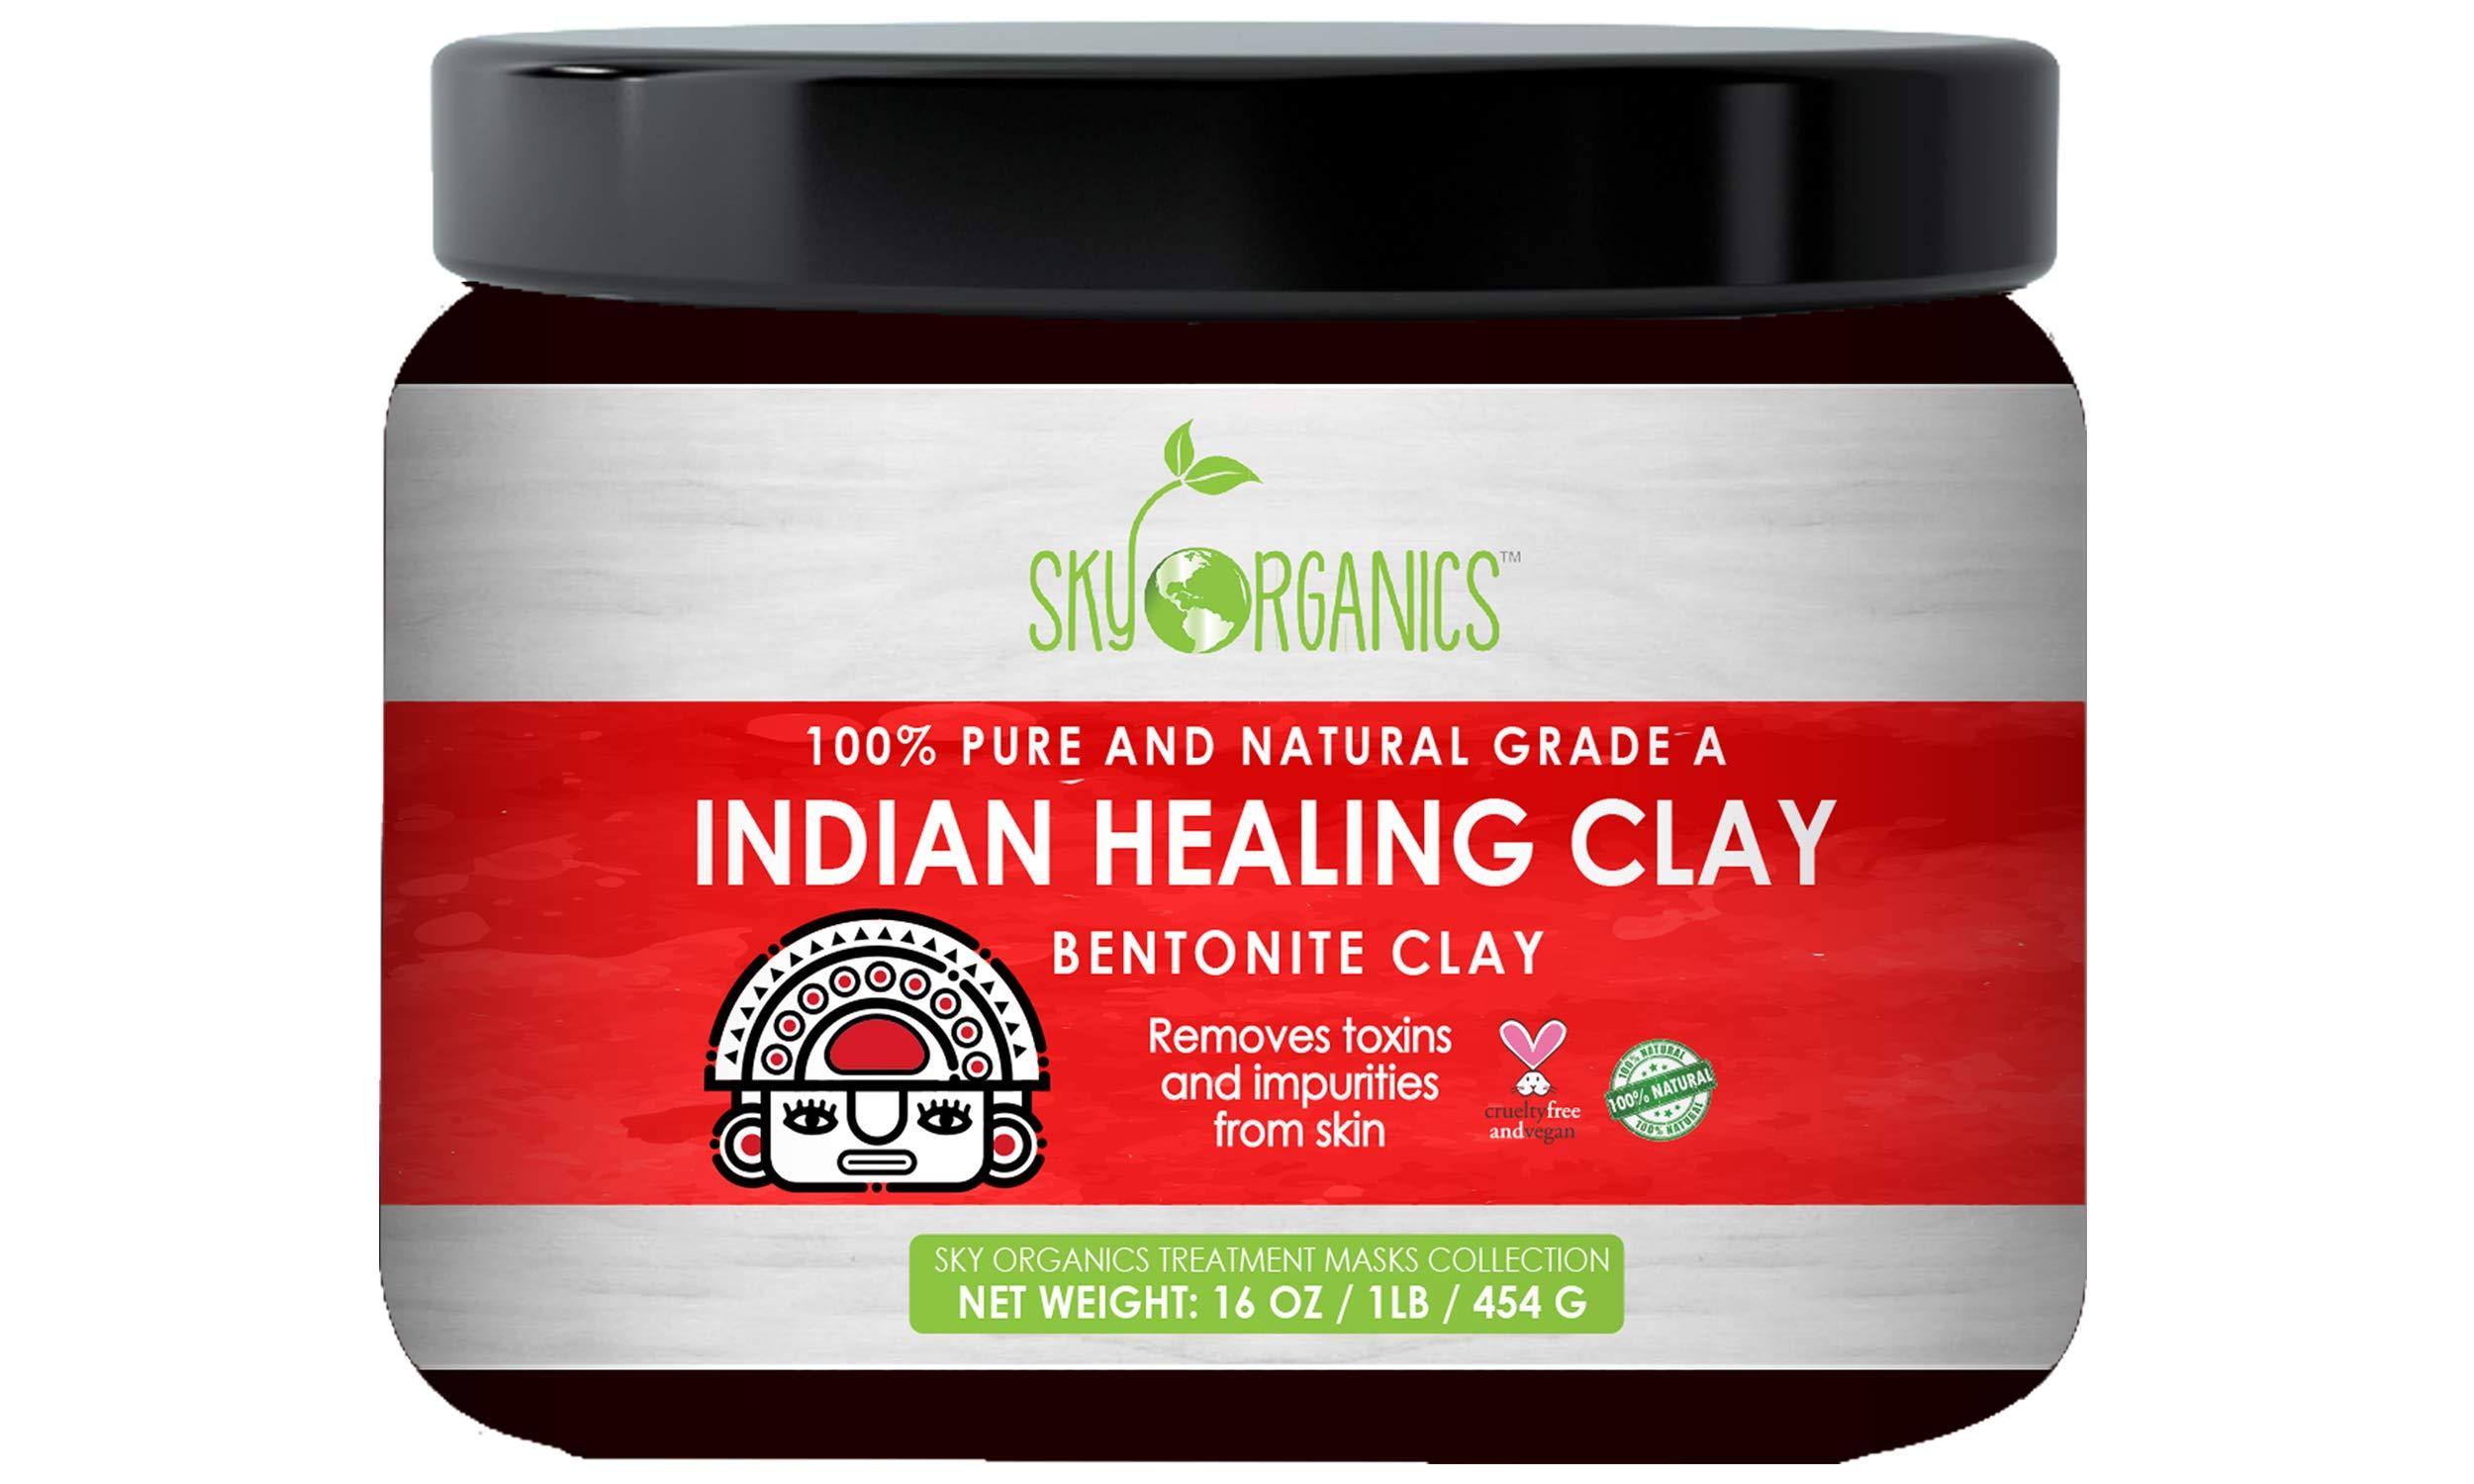 Sky Organics - Indian Healing Clay